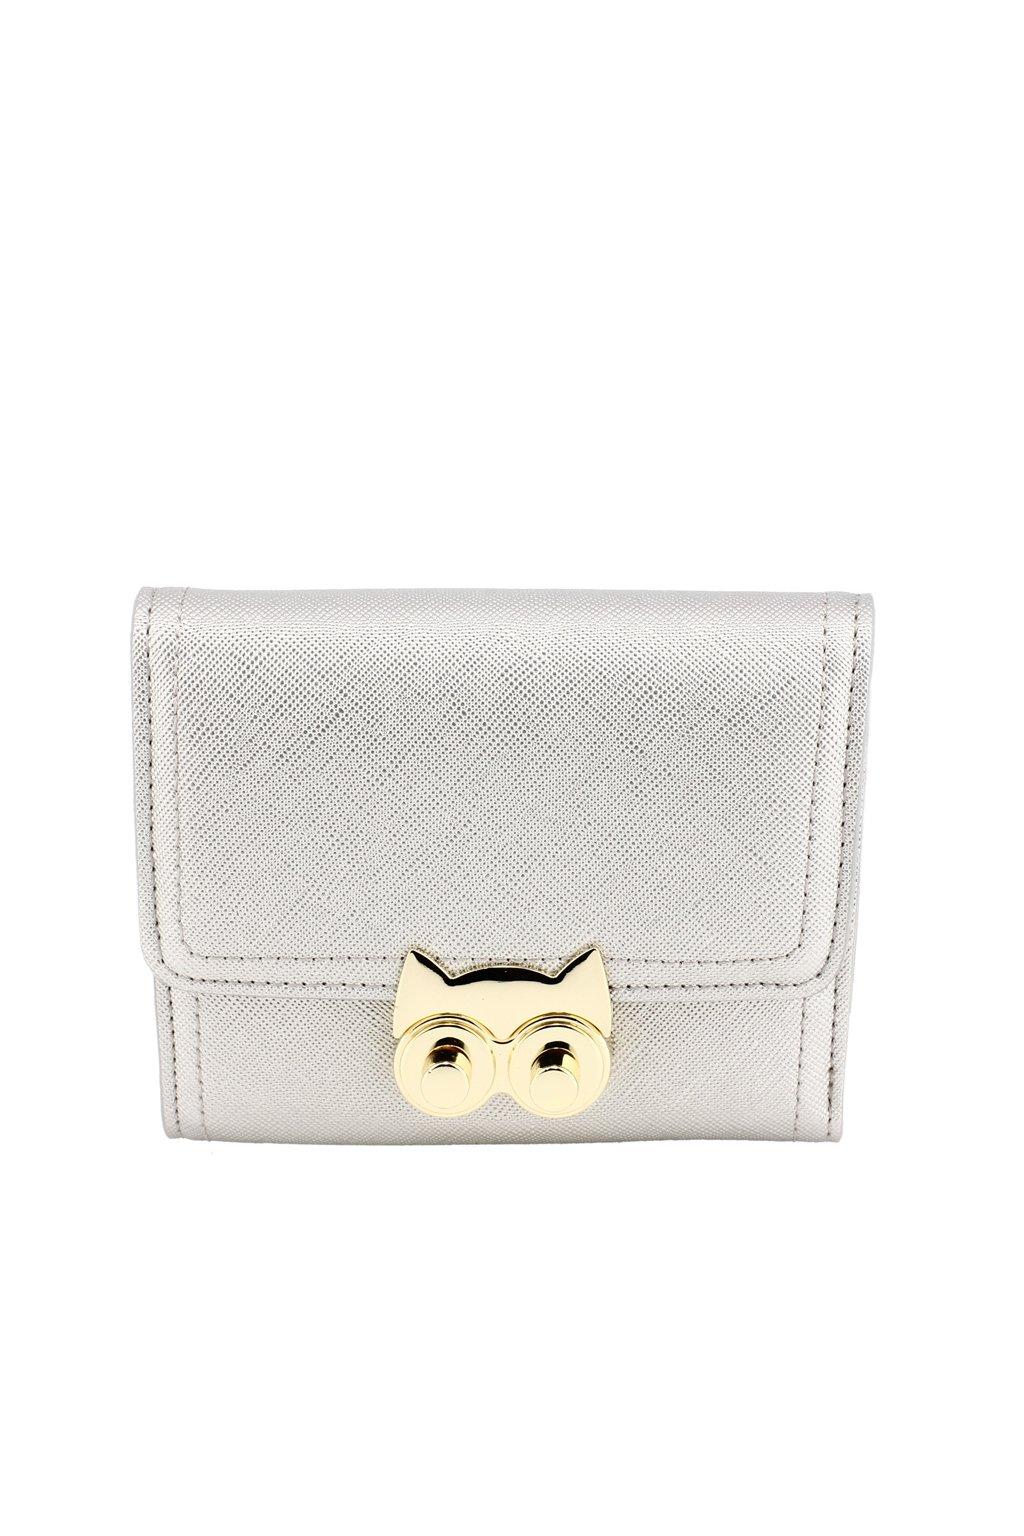 Strieborná peňaženka pre ženy Savanna AGP1090